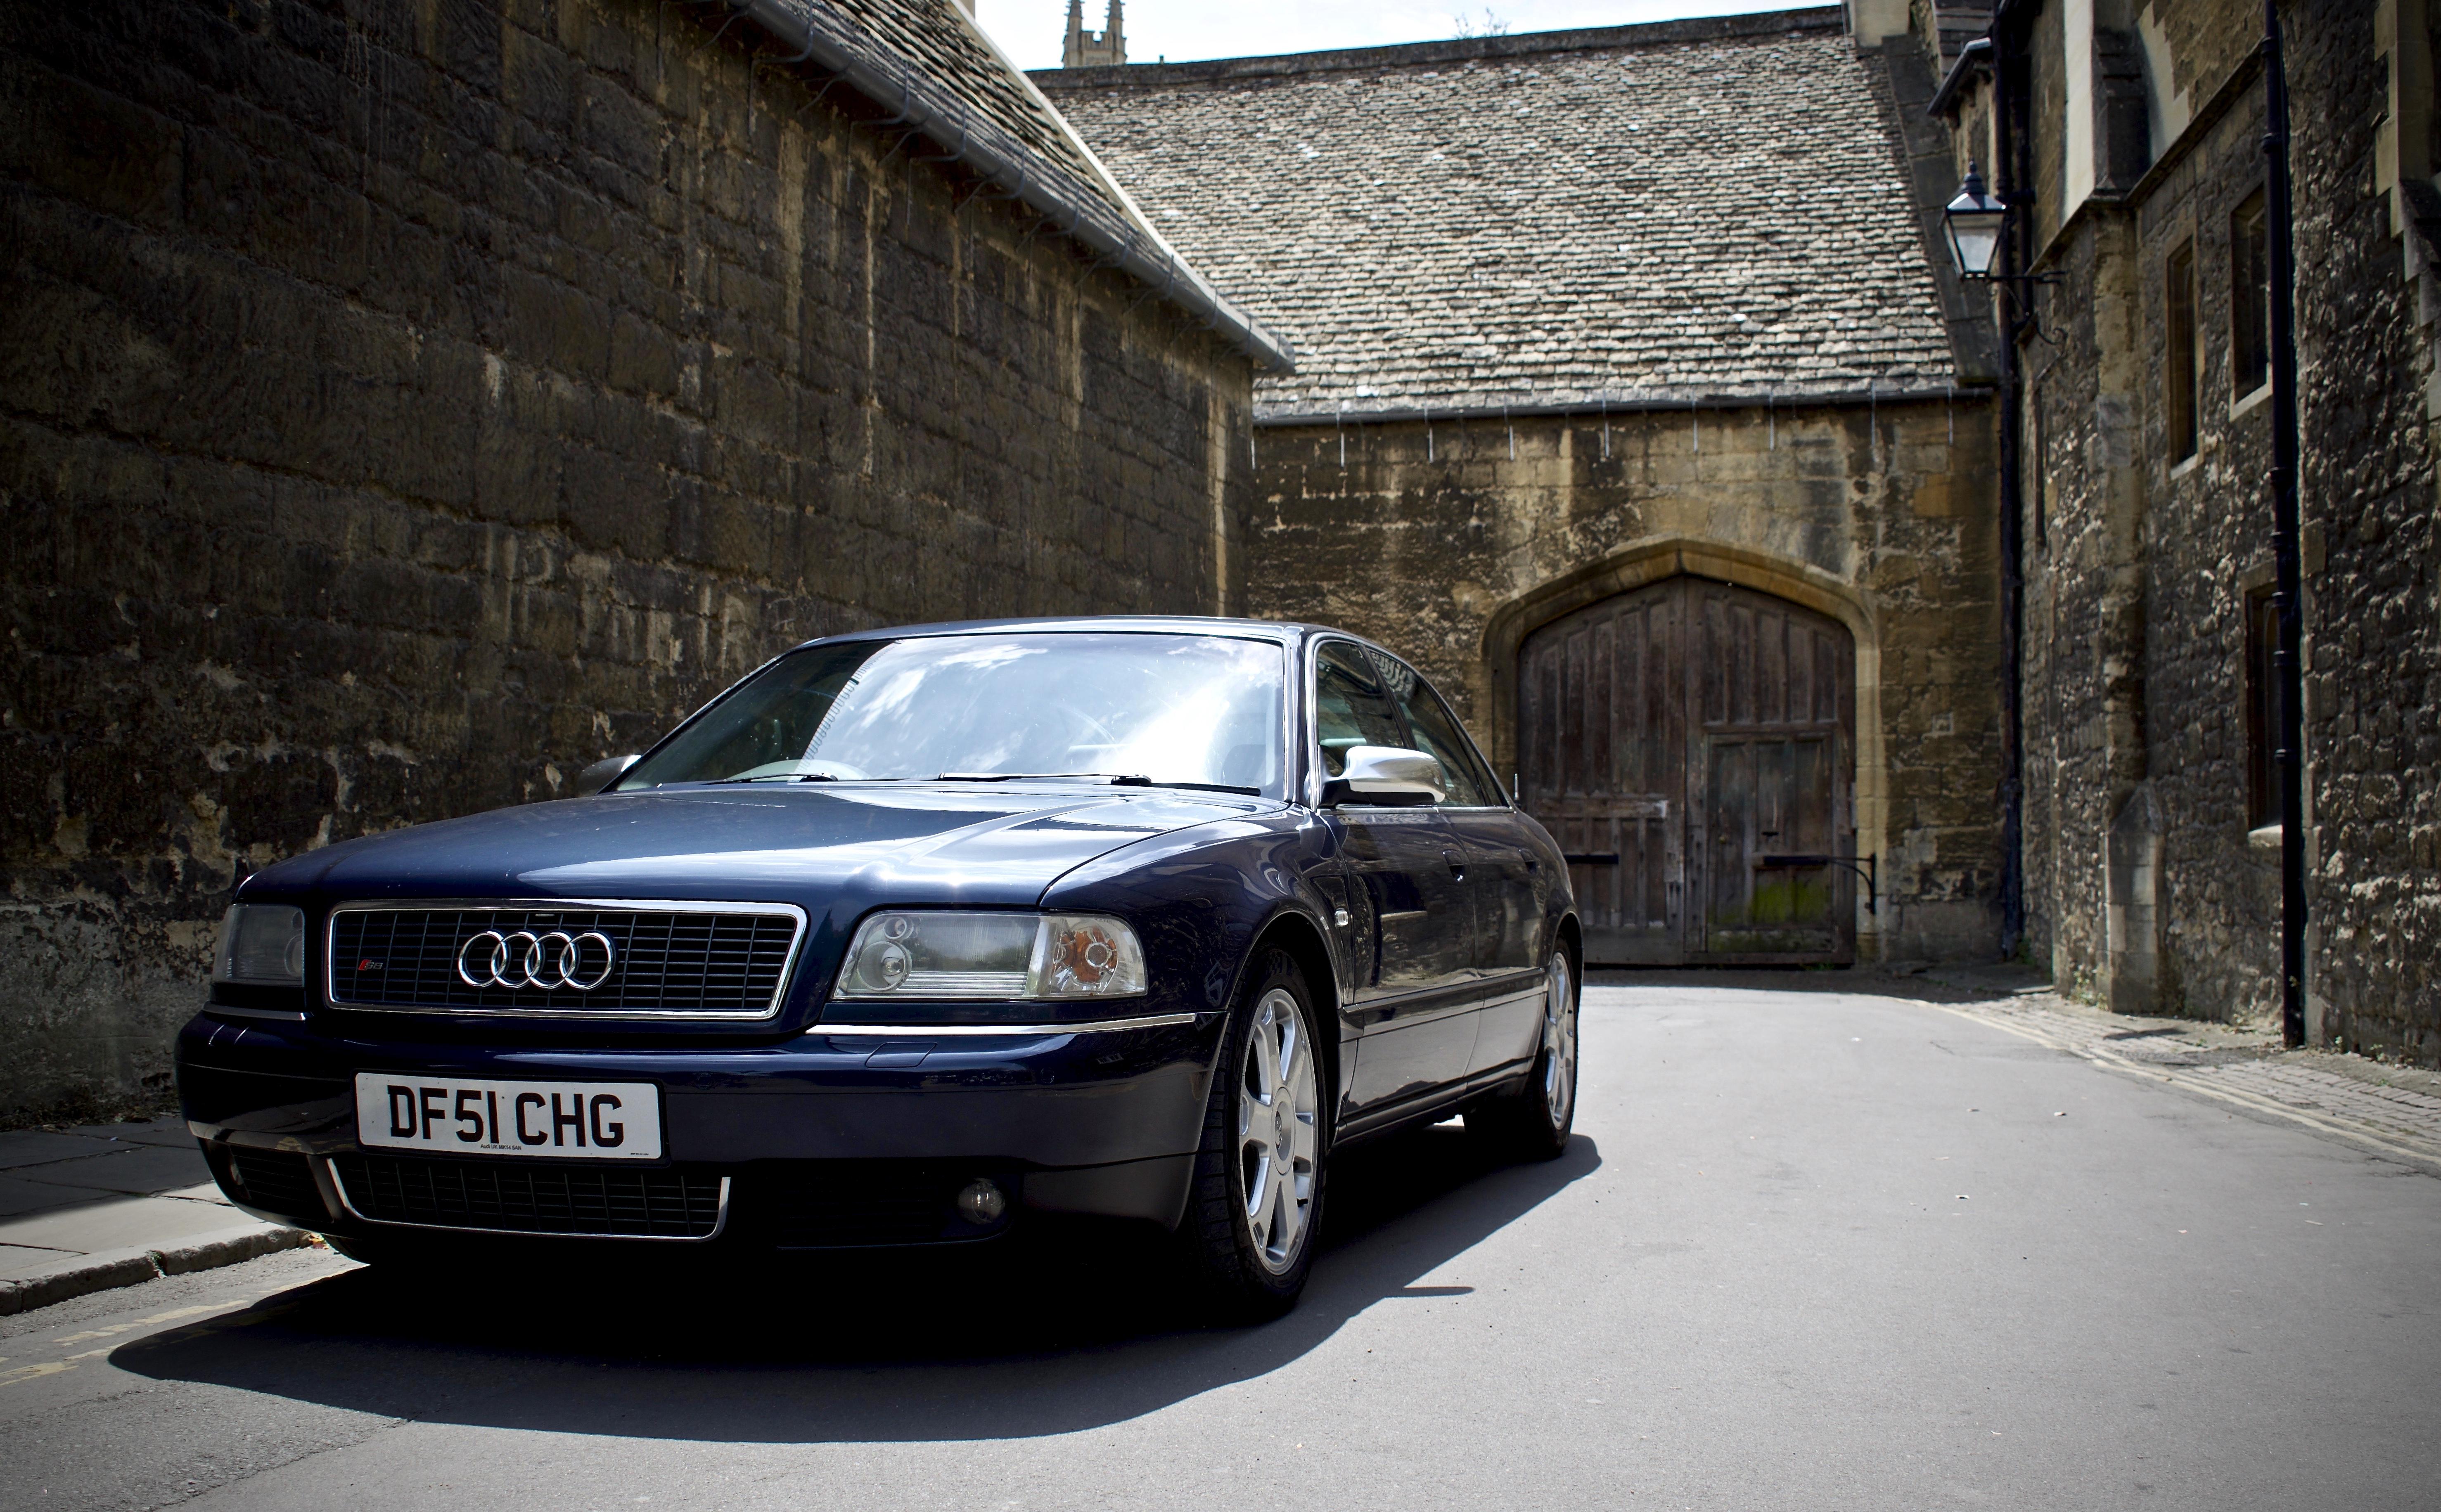 Audi S8 in oxford